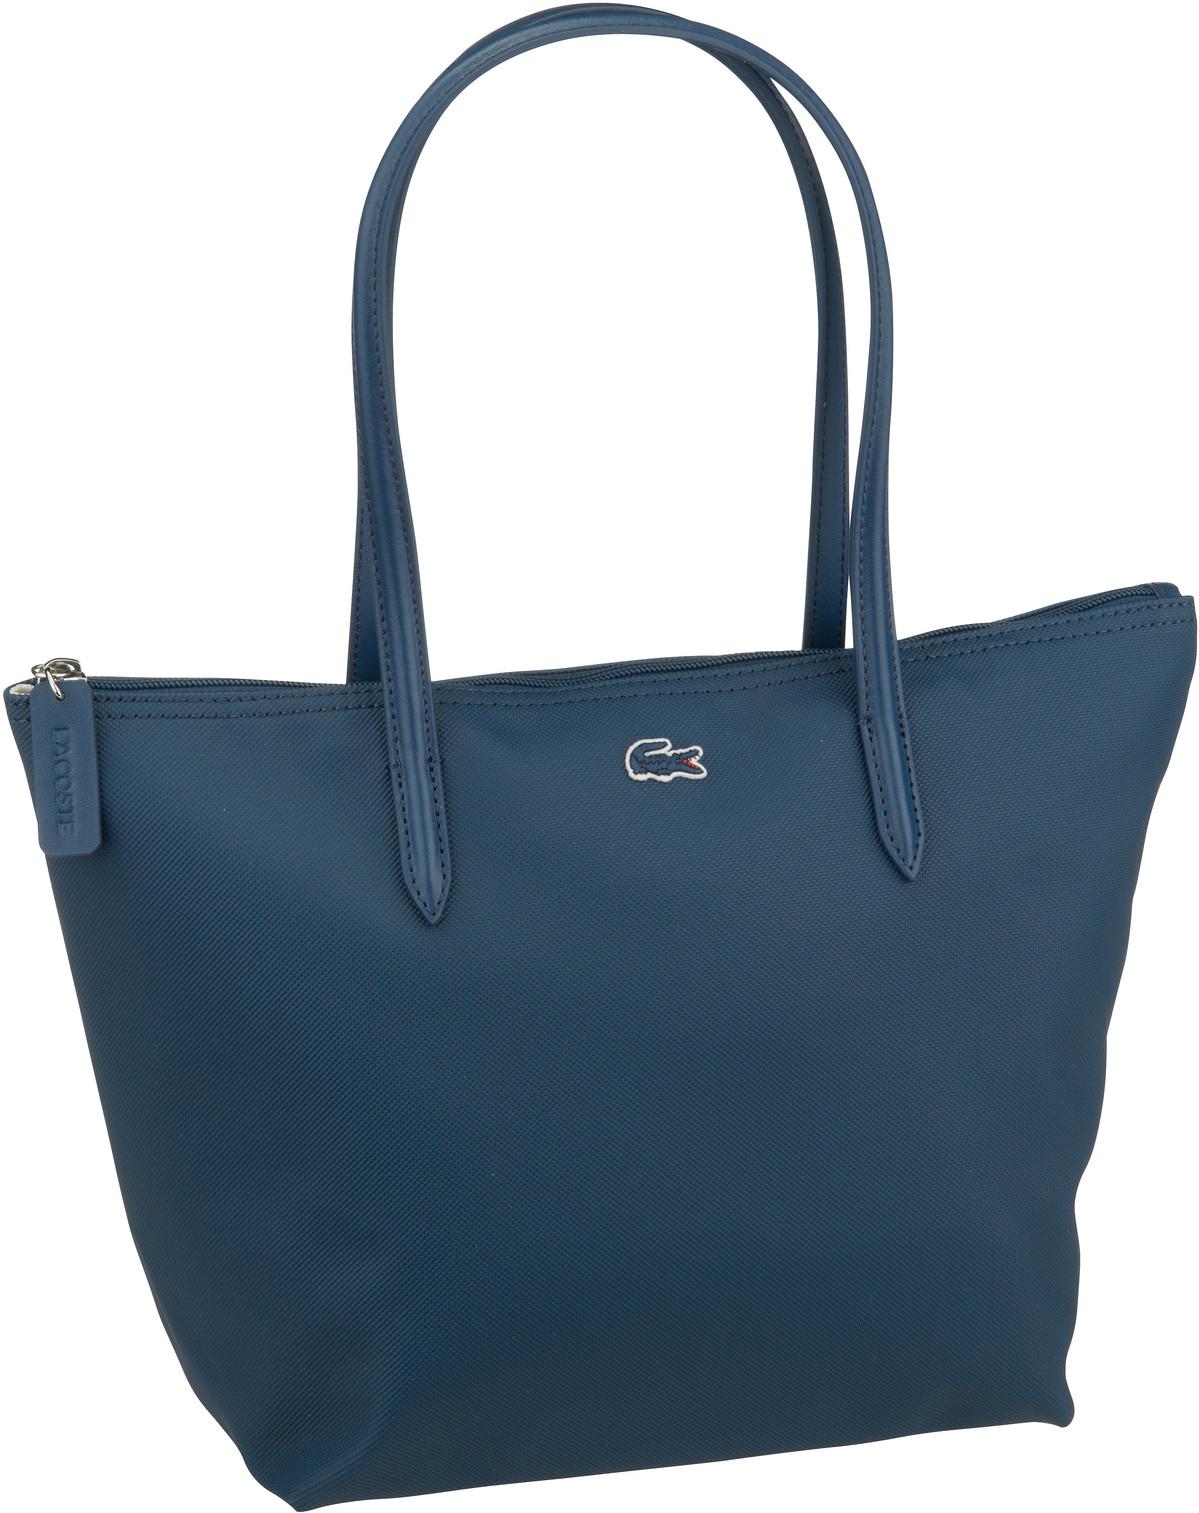 Handtasche Shopping Bag S 2037 Poseidon